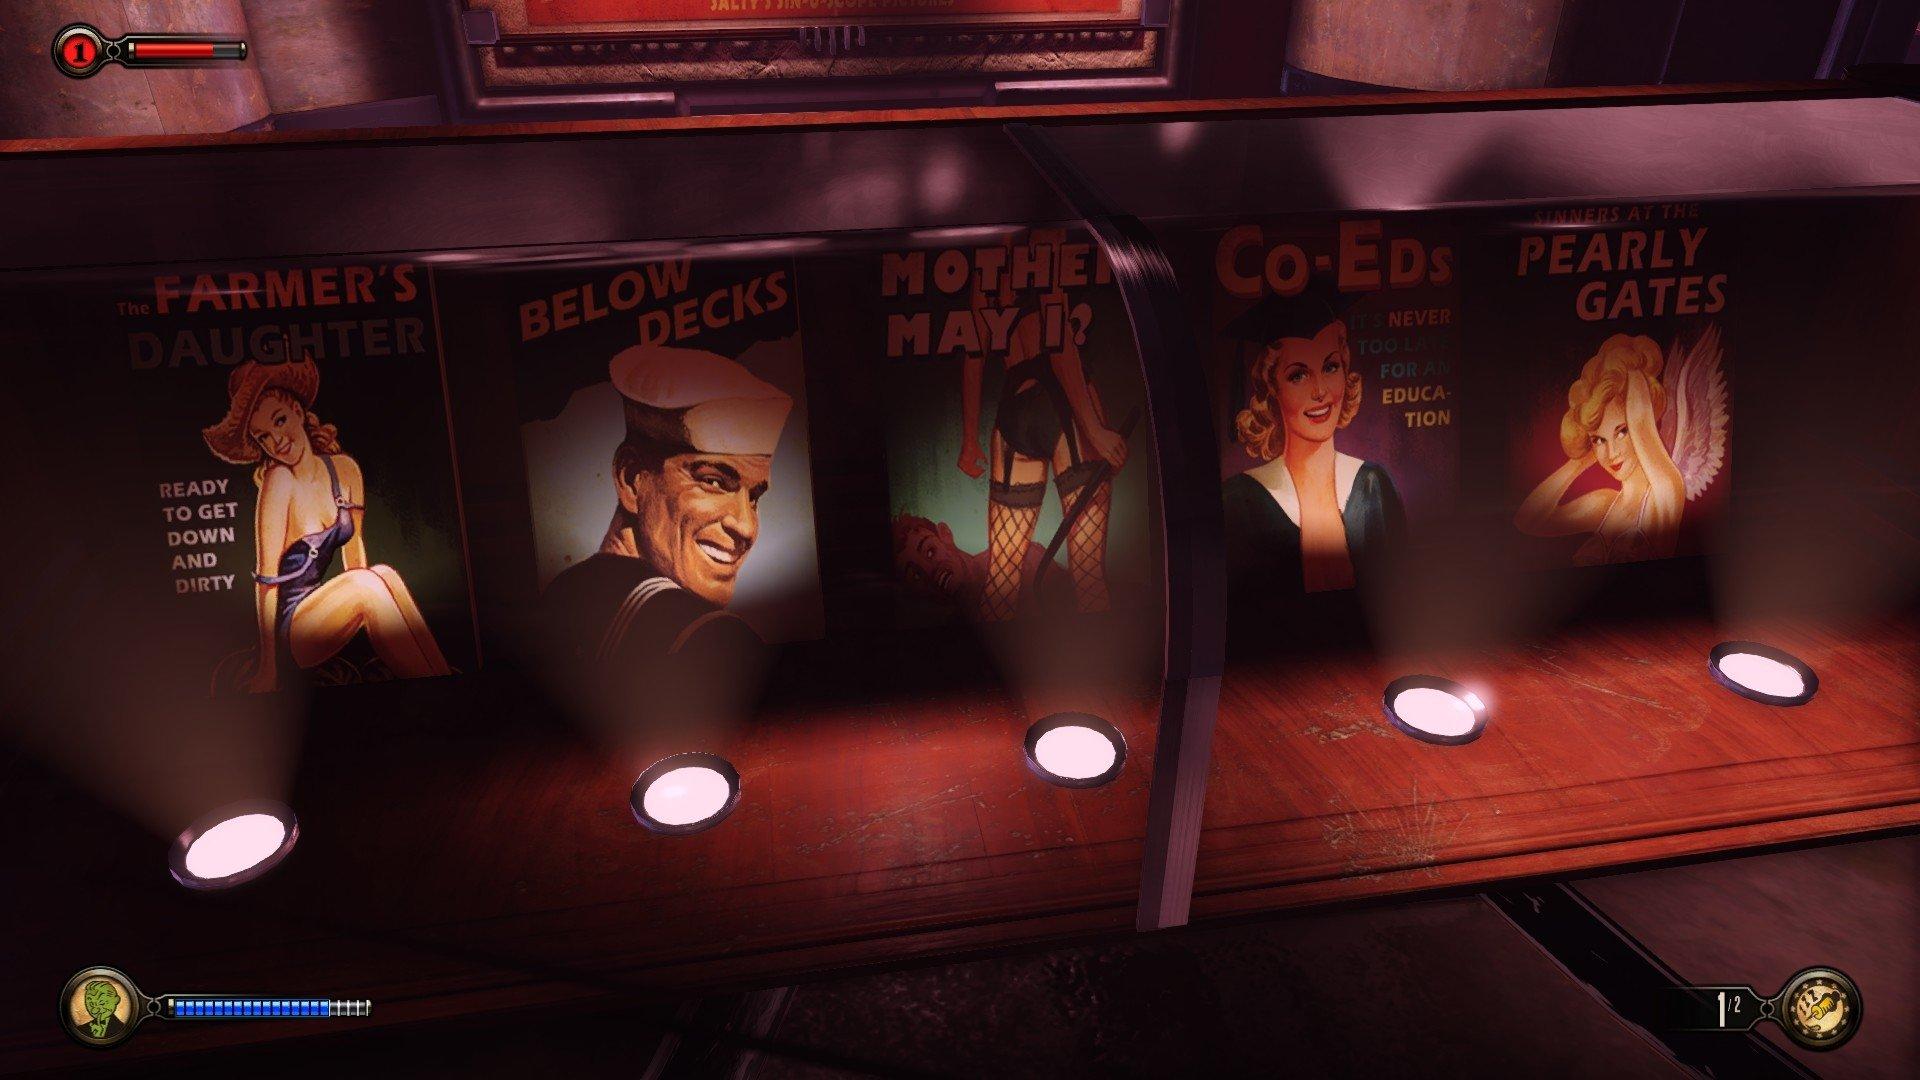 Video Game - BioShock Infinite: Burial at Sea  Elizabeth (Bioshock Infinite) Bioshock Infinite Rapture (Bioshock) Wallpaper